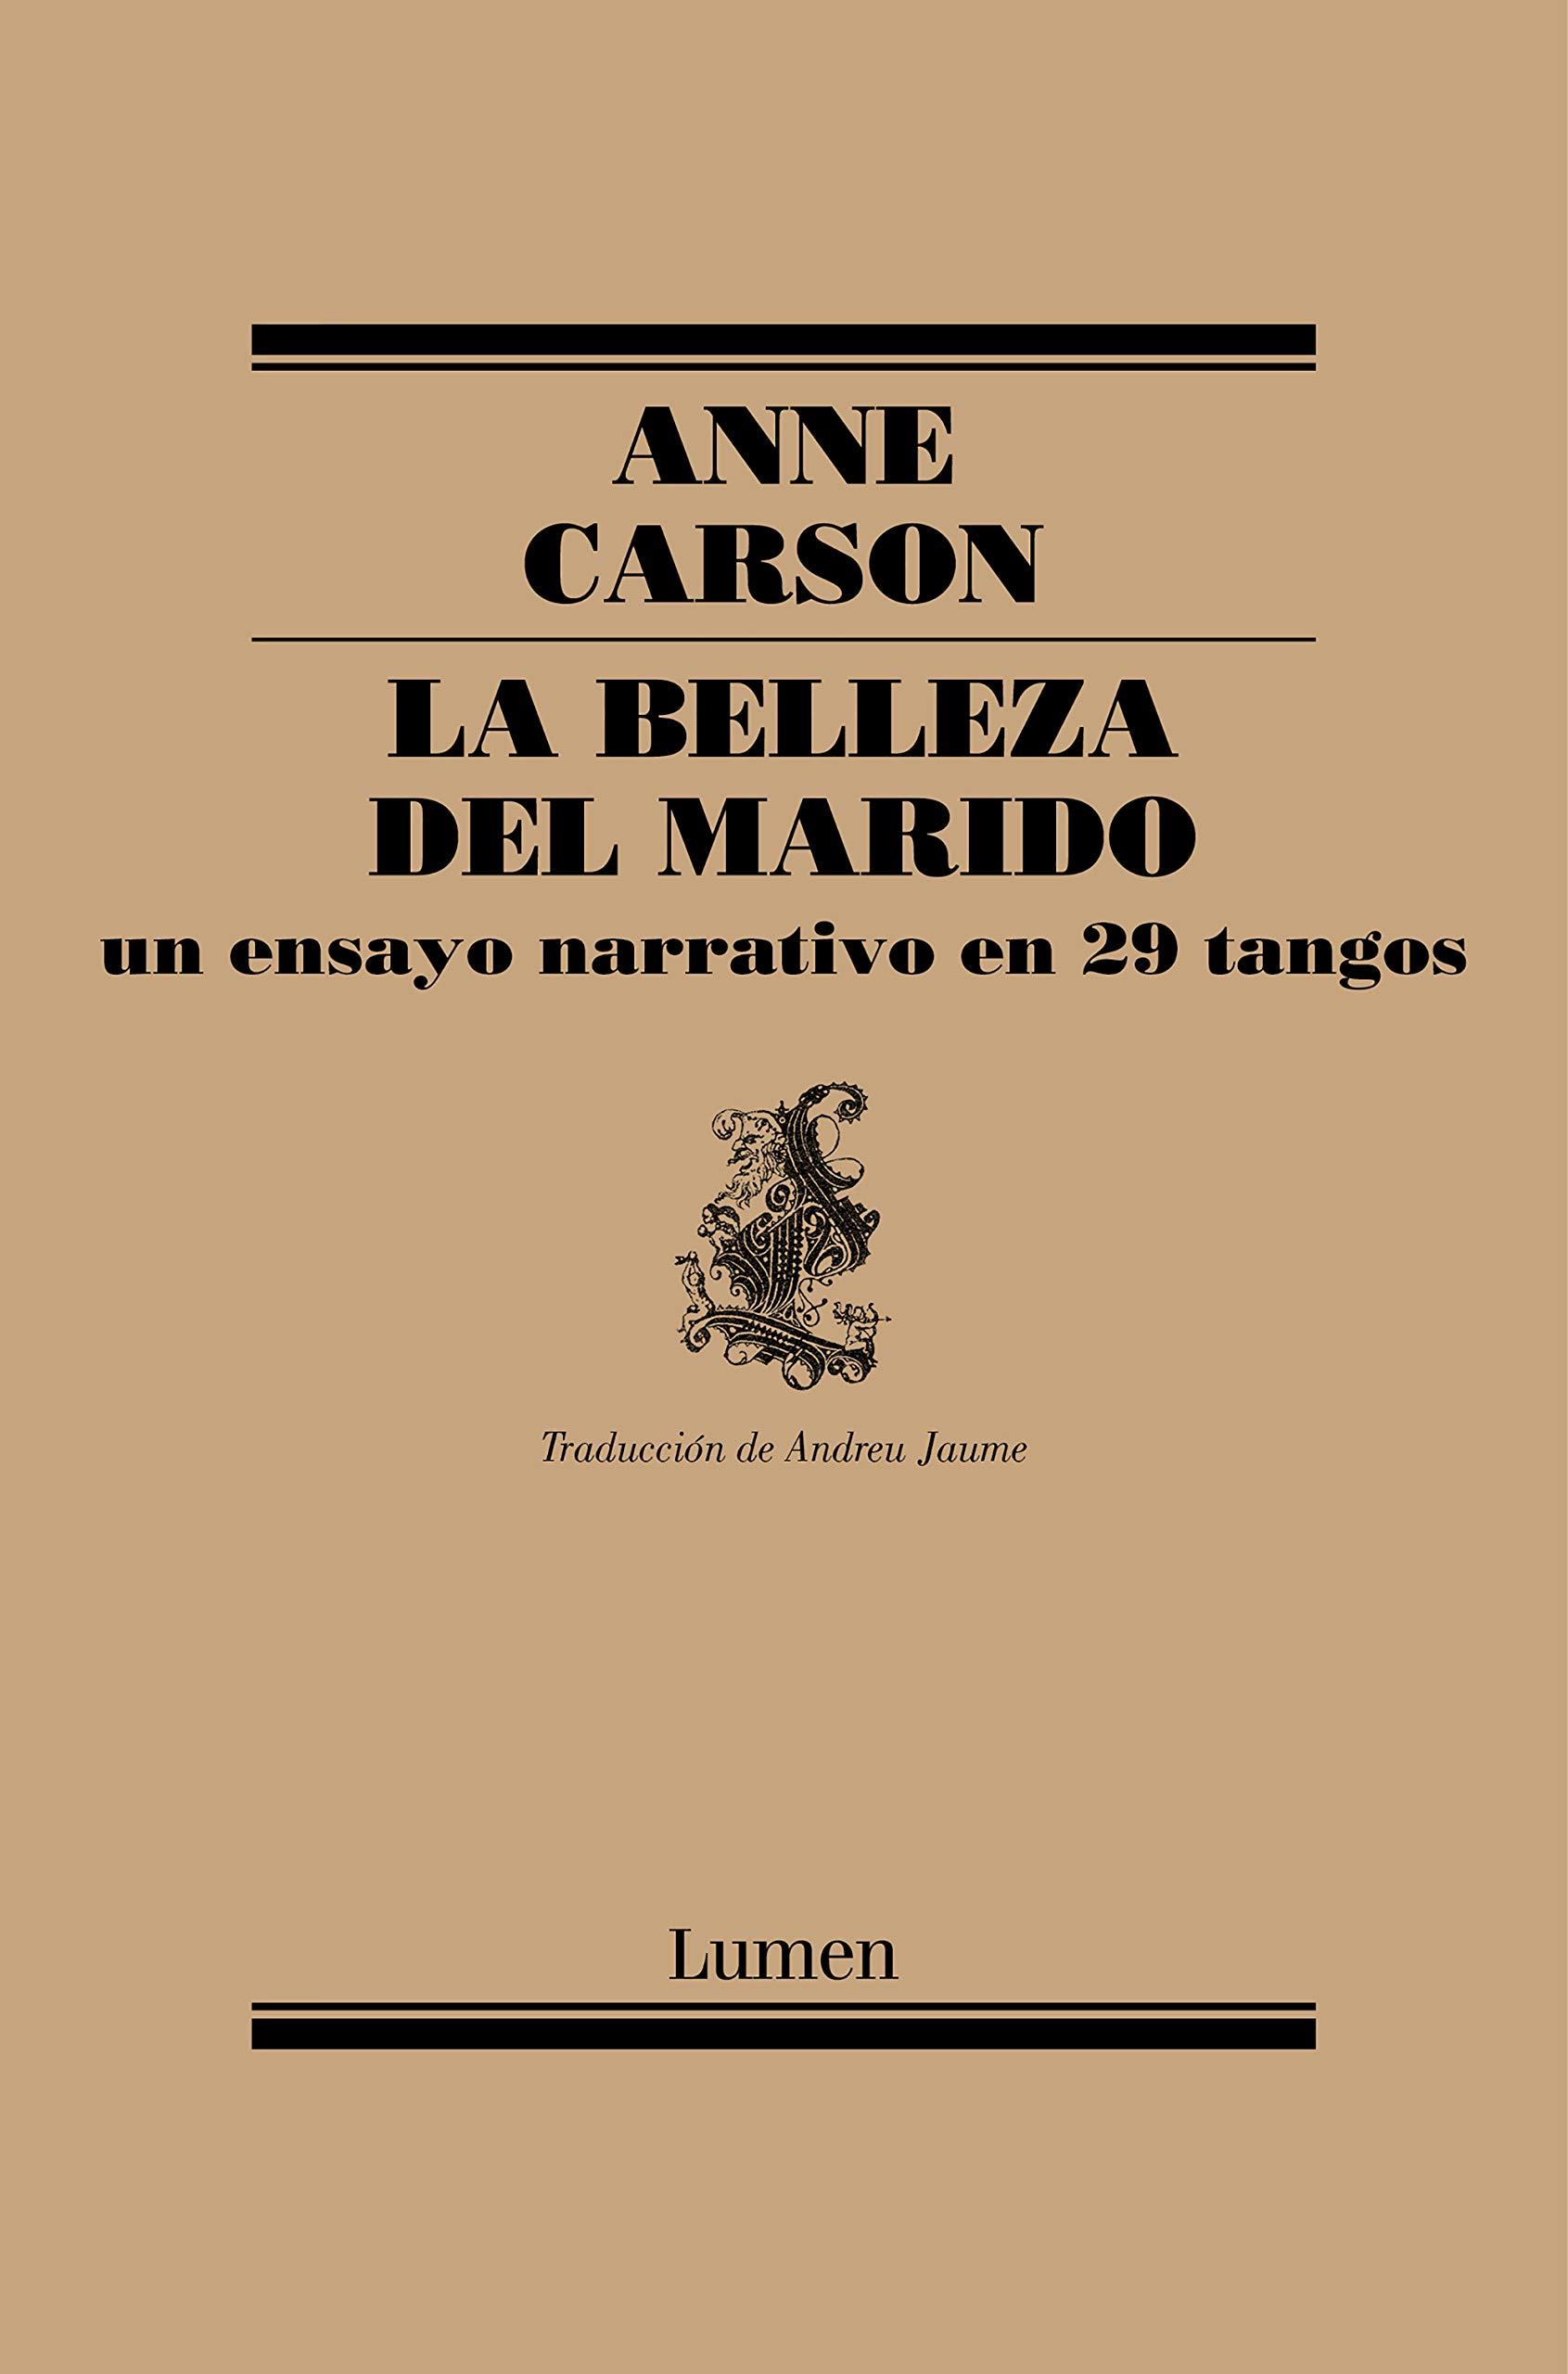 La belleza del marido: un ensayo narrativo en 29 tangos